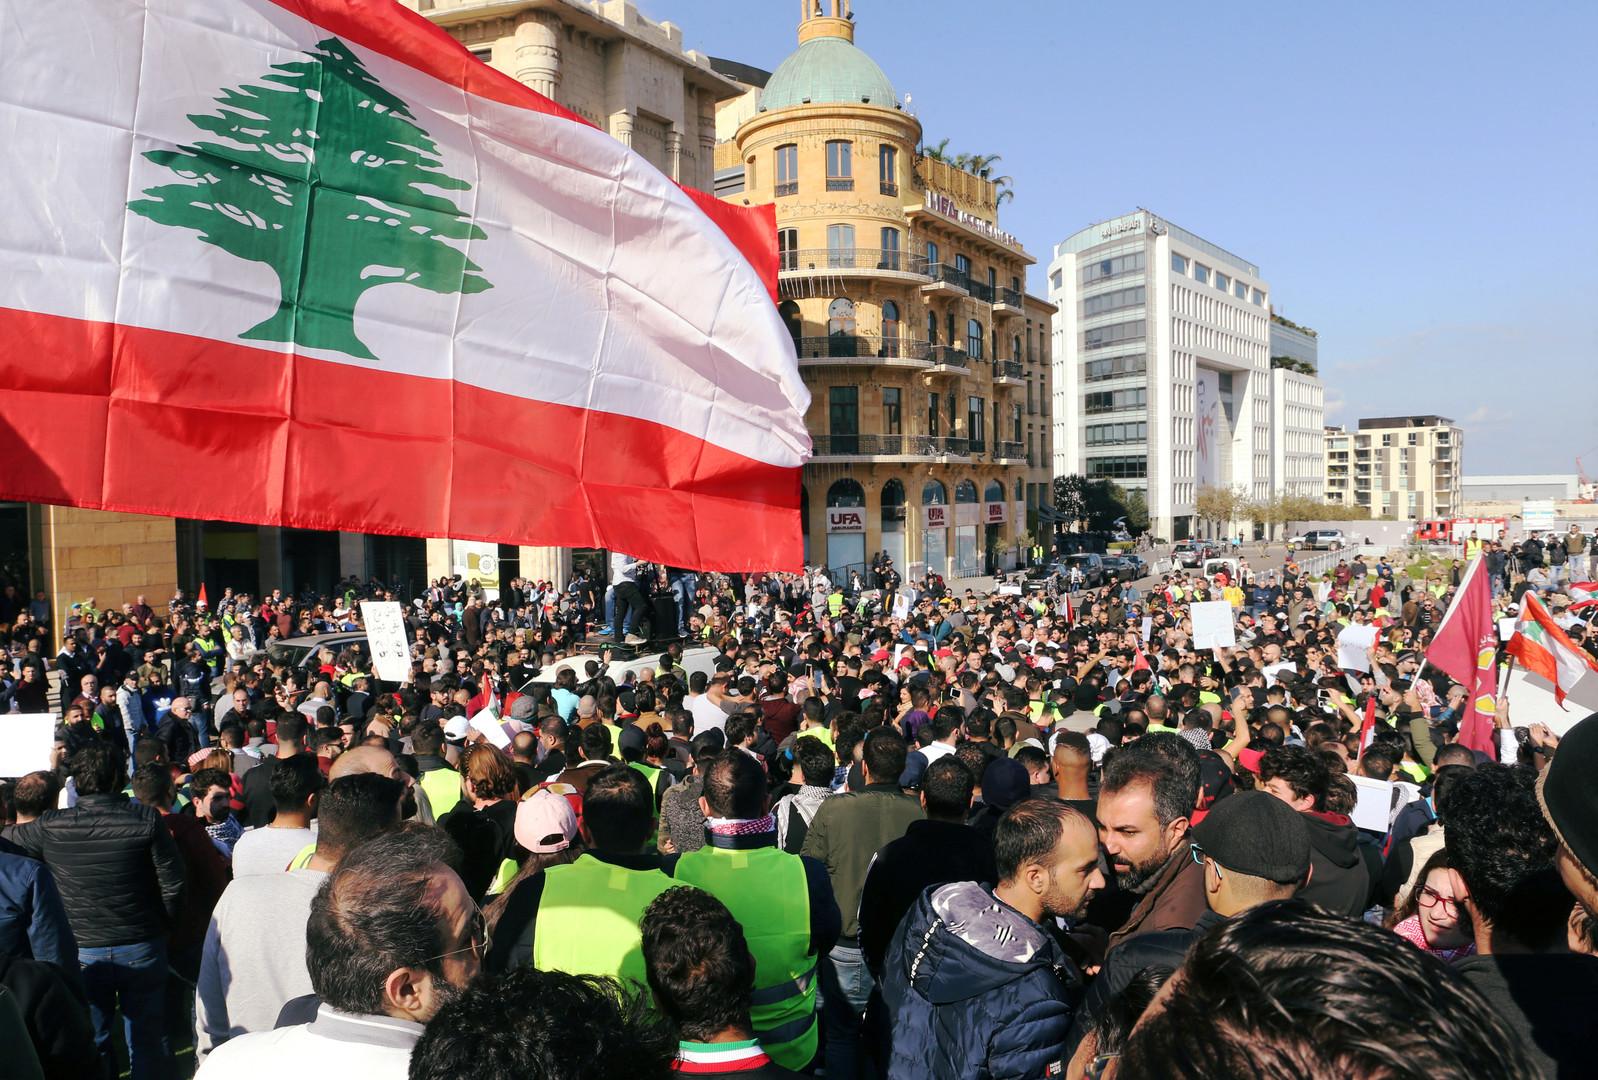 احتجاجات في لبنان على الموازنة - 21 مايو